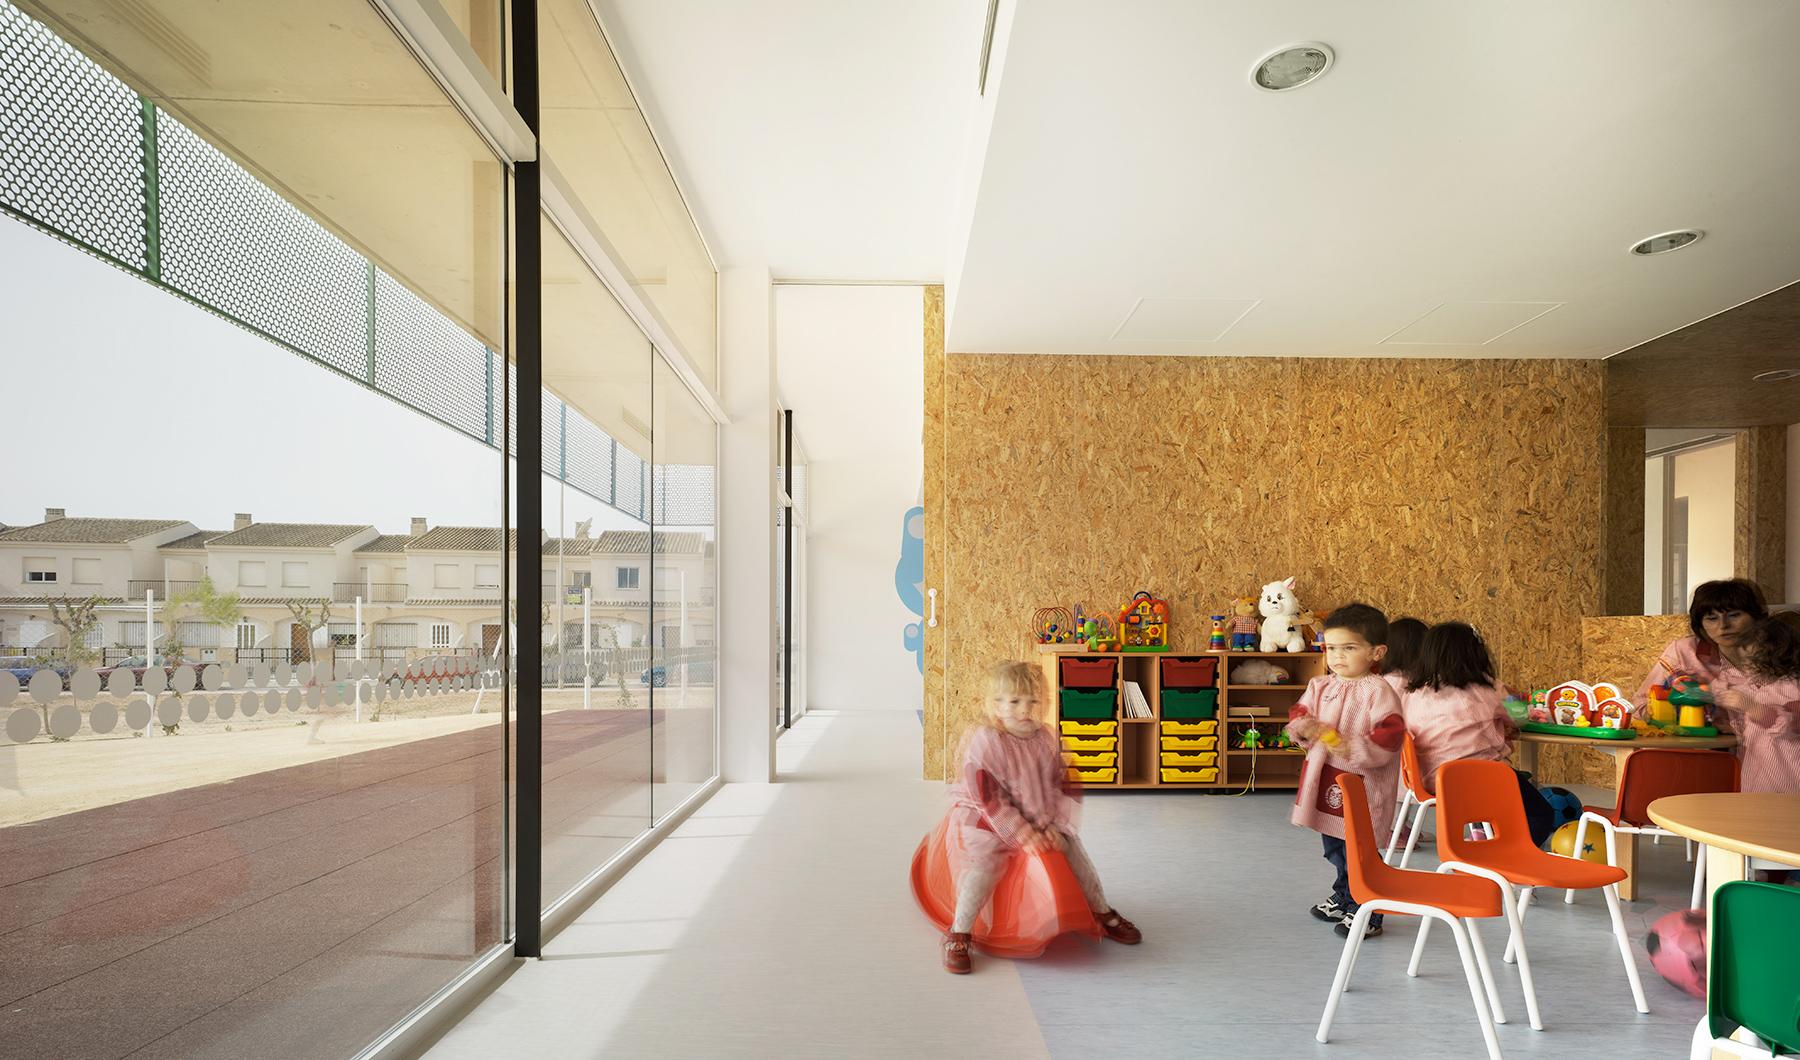 Escuela infantil y guarder a entre palmeras cor asociados for Servicios escolares arquitectura